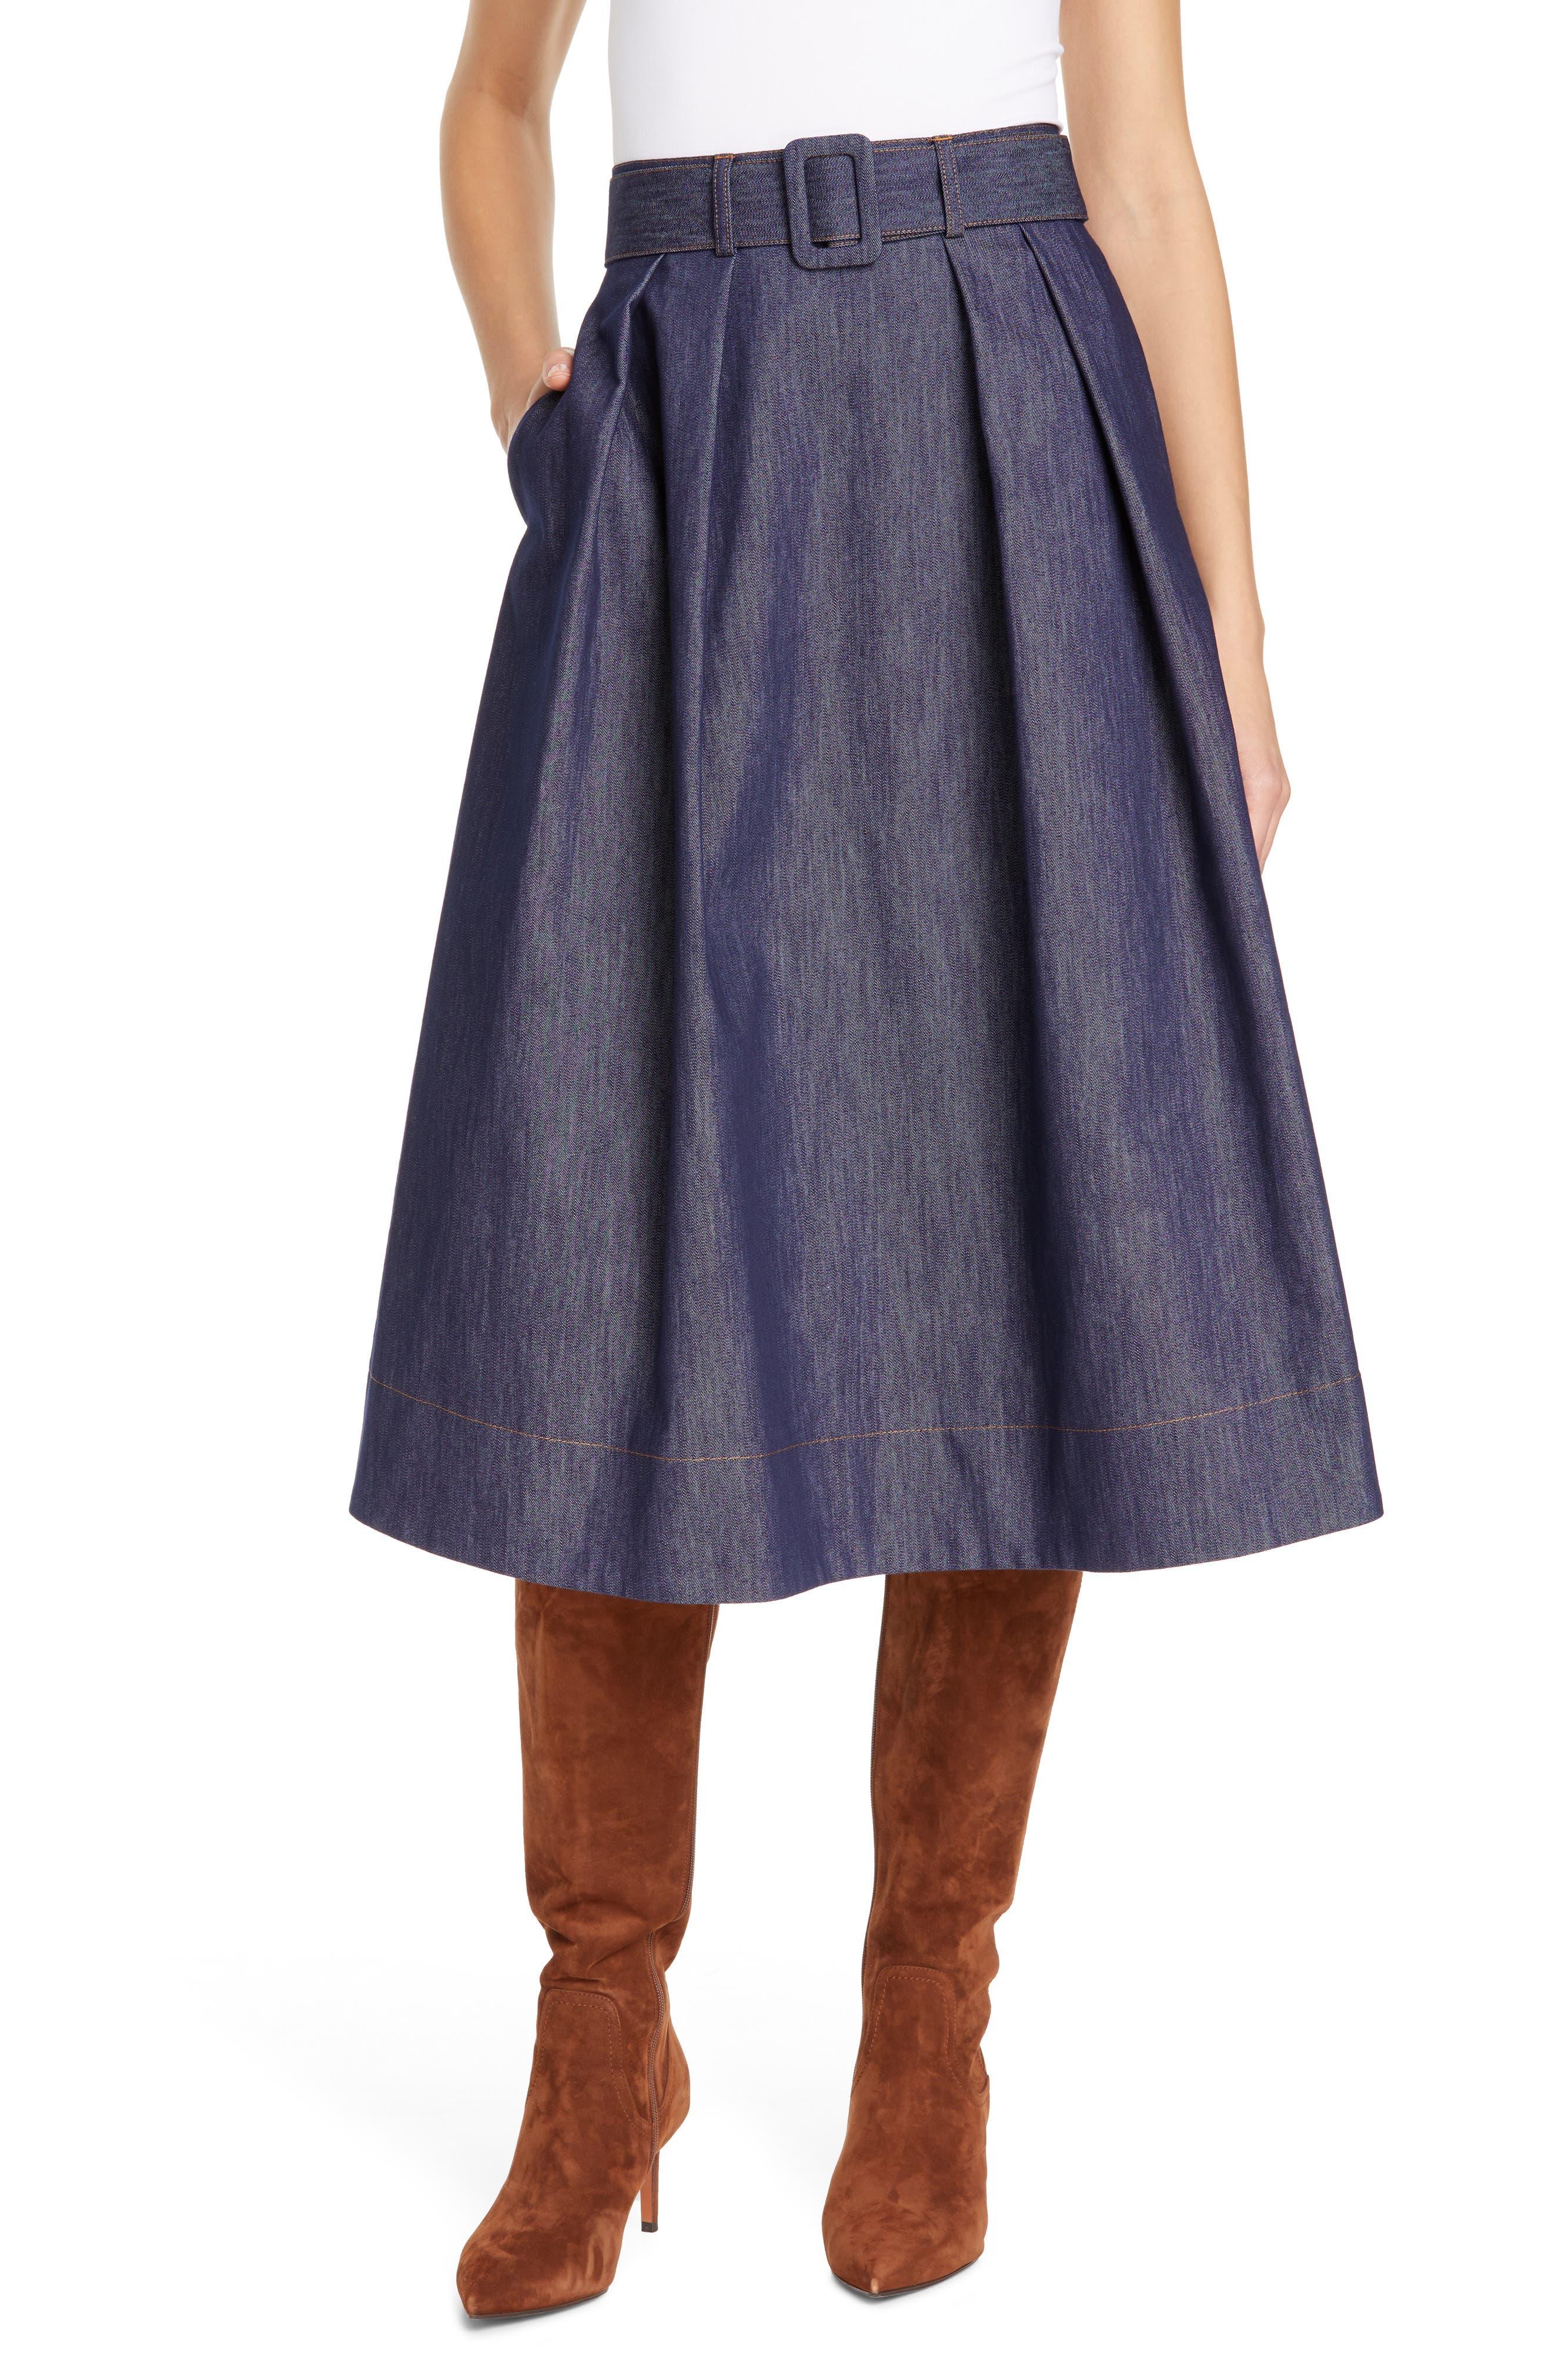 TOMMY X ZENDAYA Belted Denim Skirt, Main, color, 402